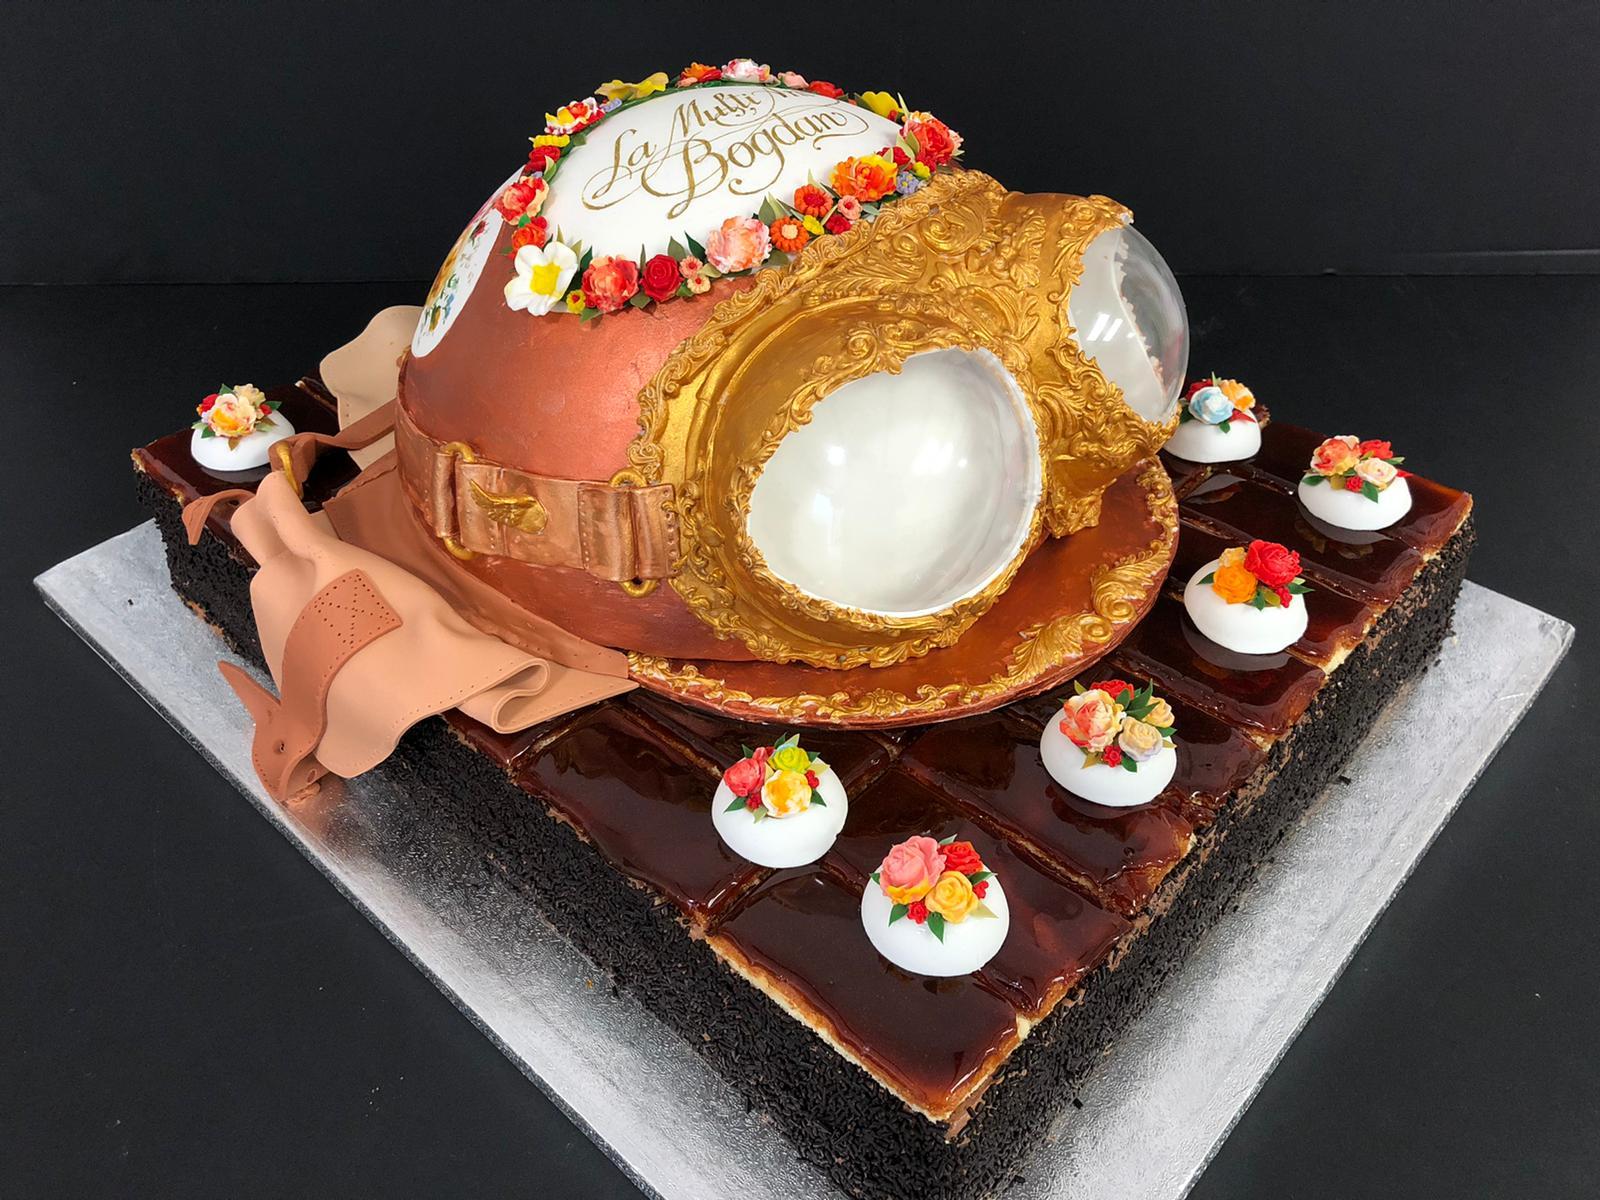 unique-art-cake-design-0903 (1)